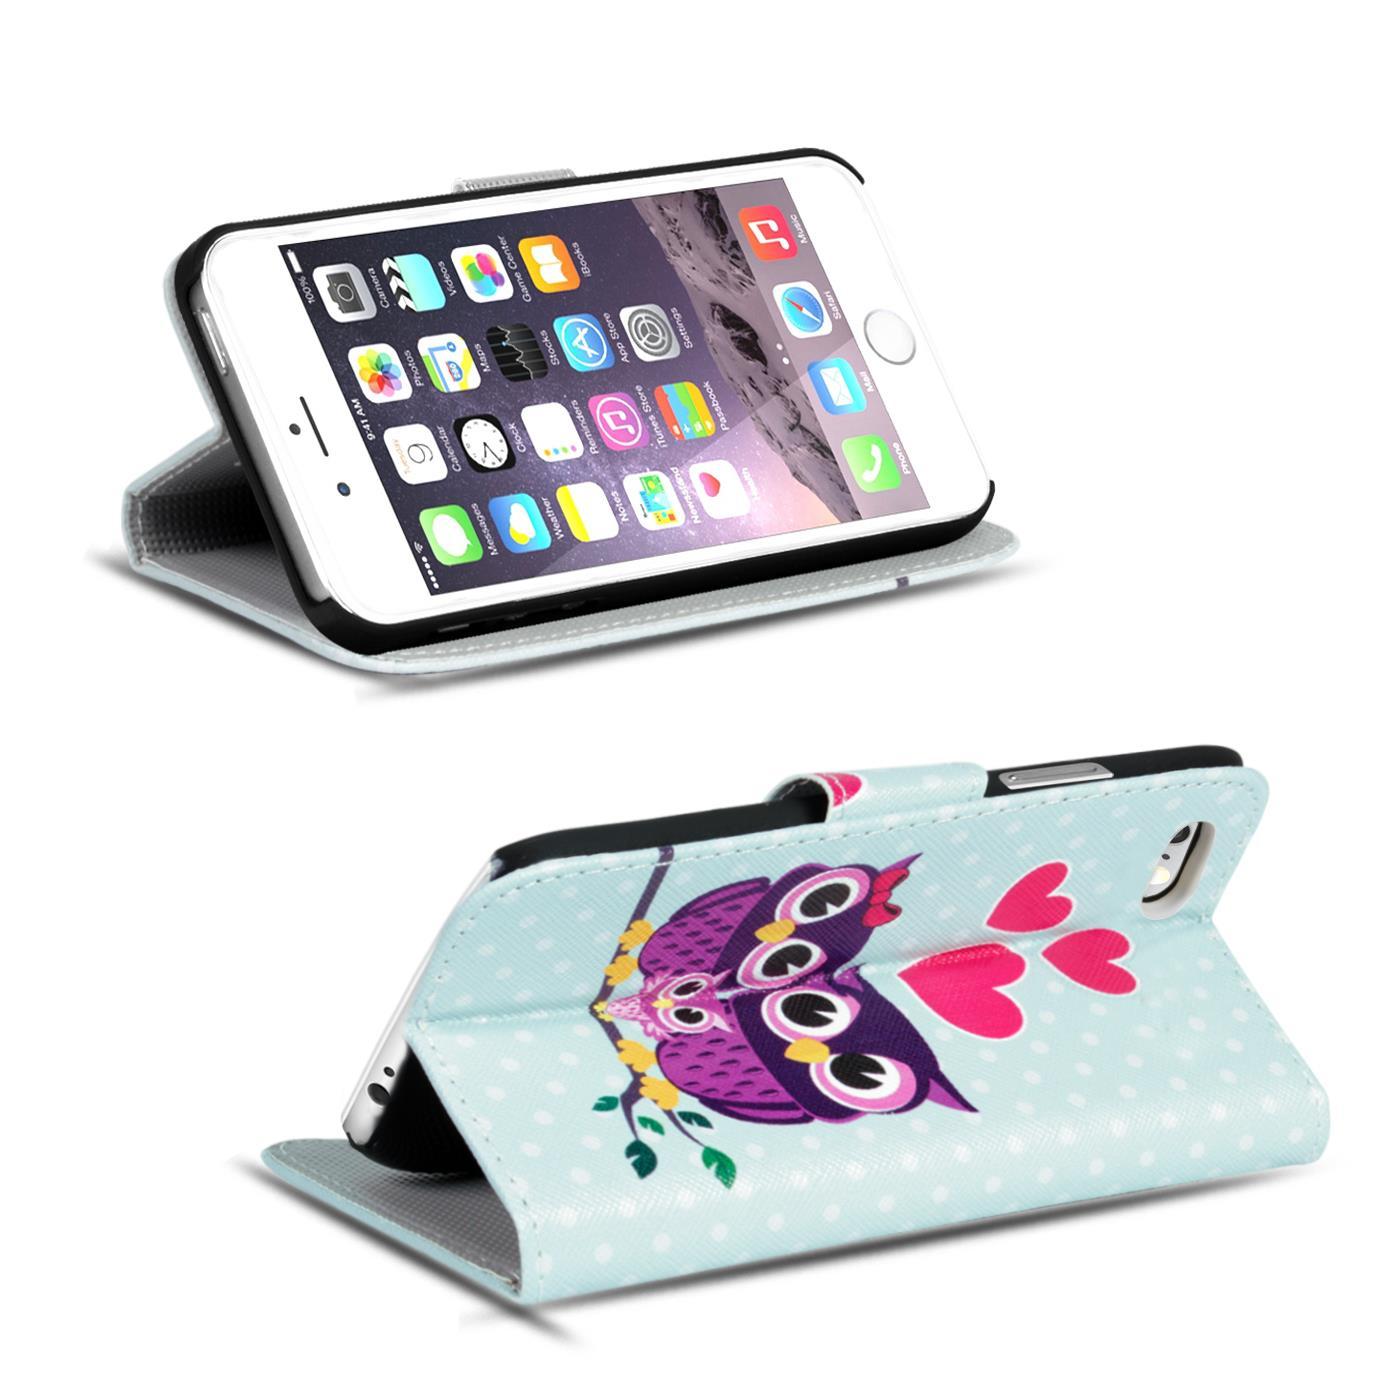 Handy-Huelle-Apple-iPhone-8-Plus-Flip-Cover-Case-Schutz-Tasche-Etui-Motiv-Wallet Indexbild 51